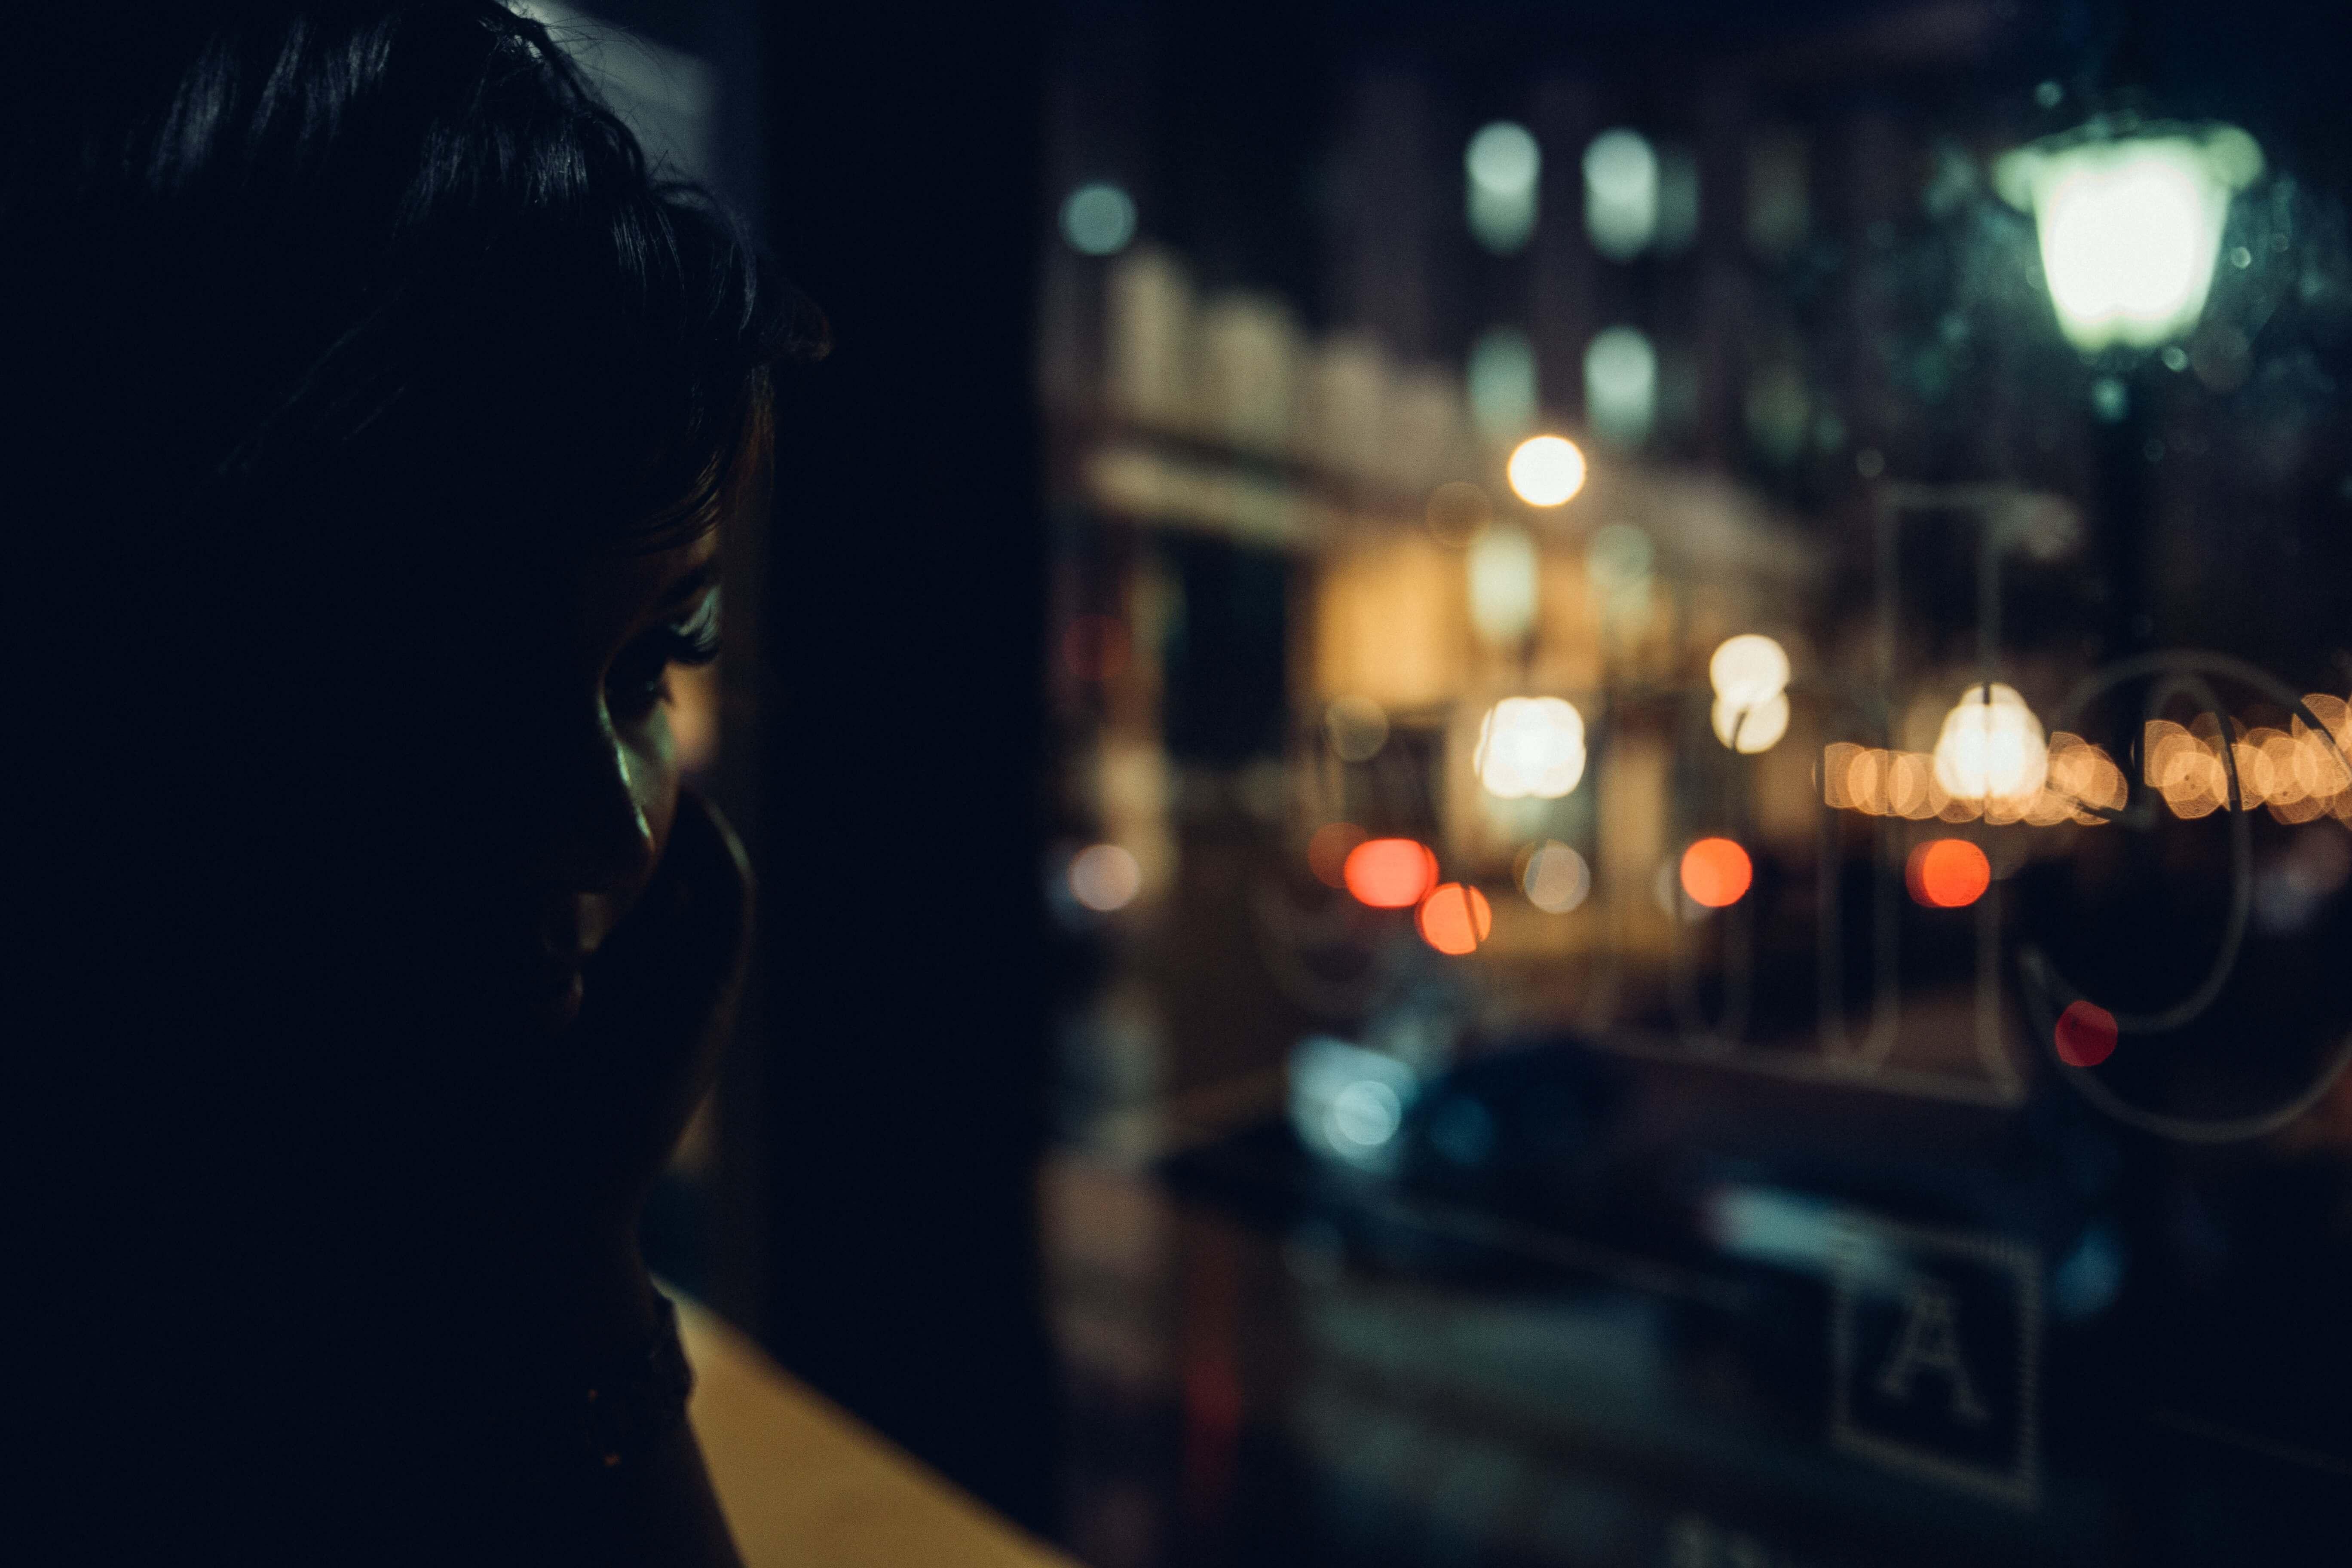 En okänd kvinna står framför ett fönster med ansiktet dolt